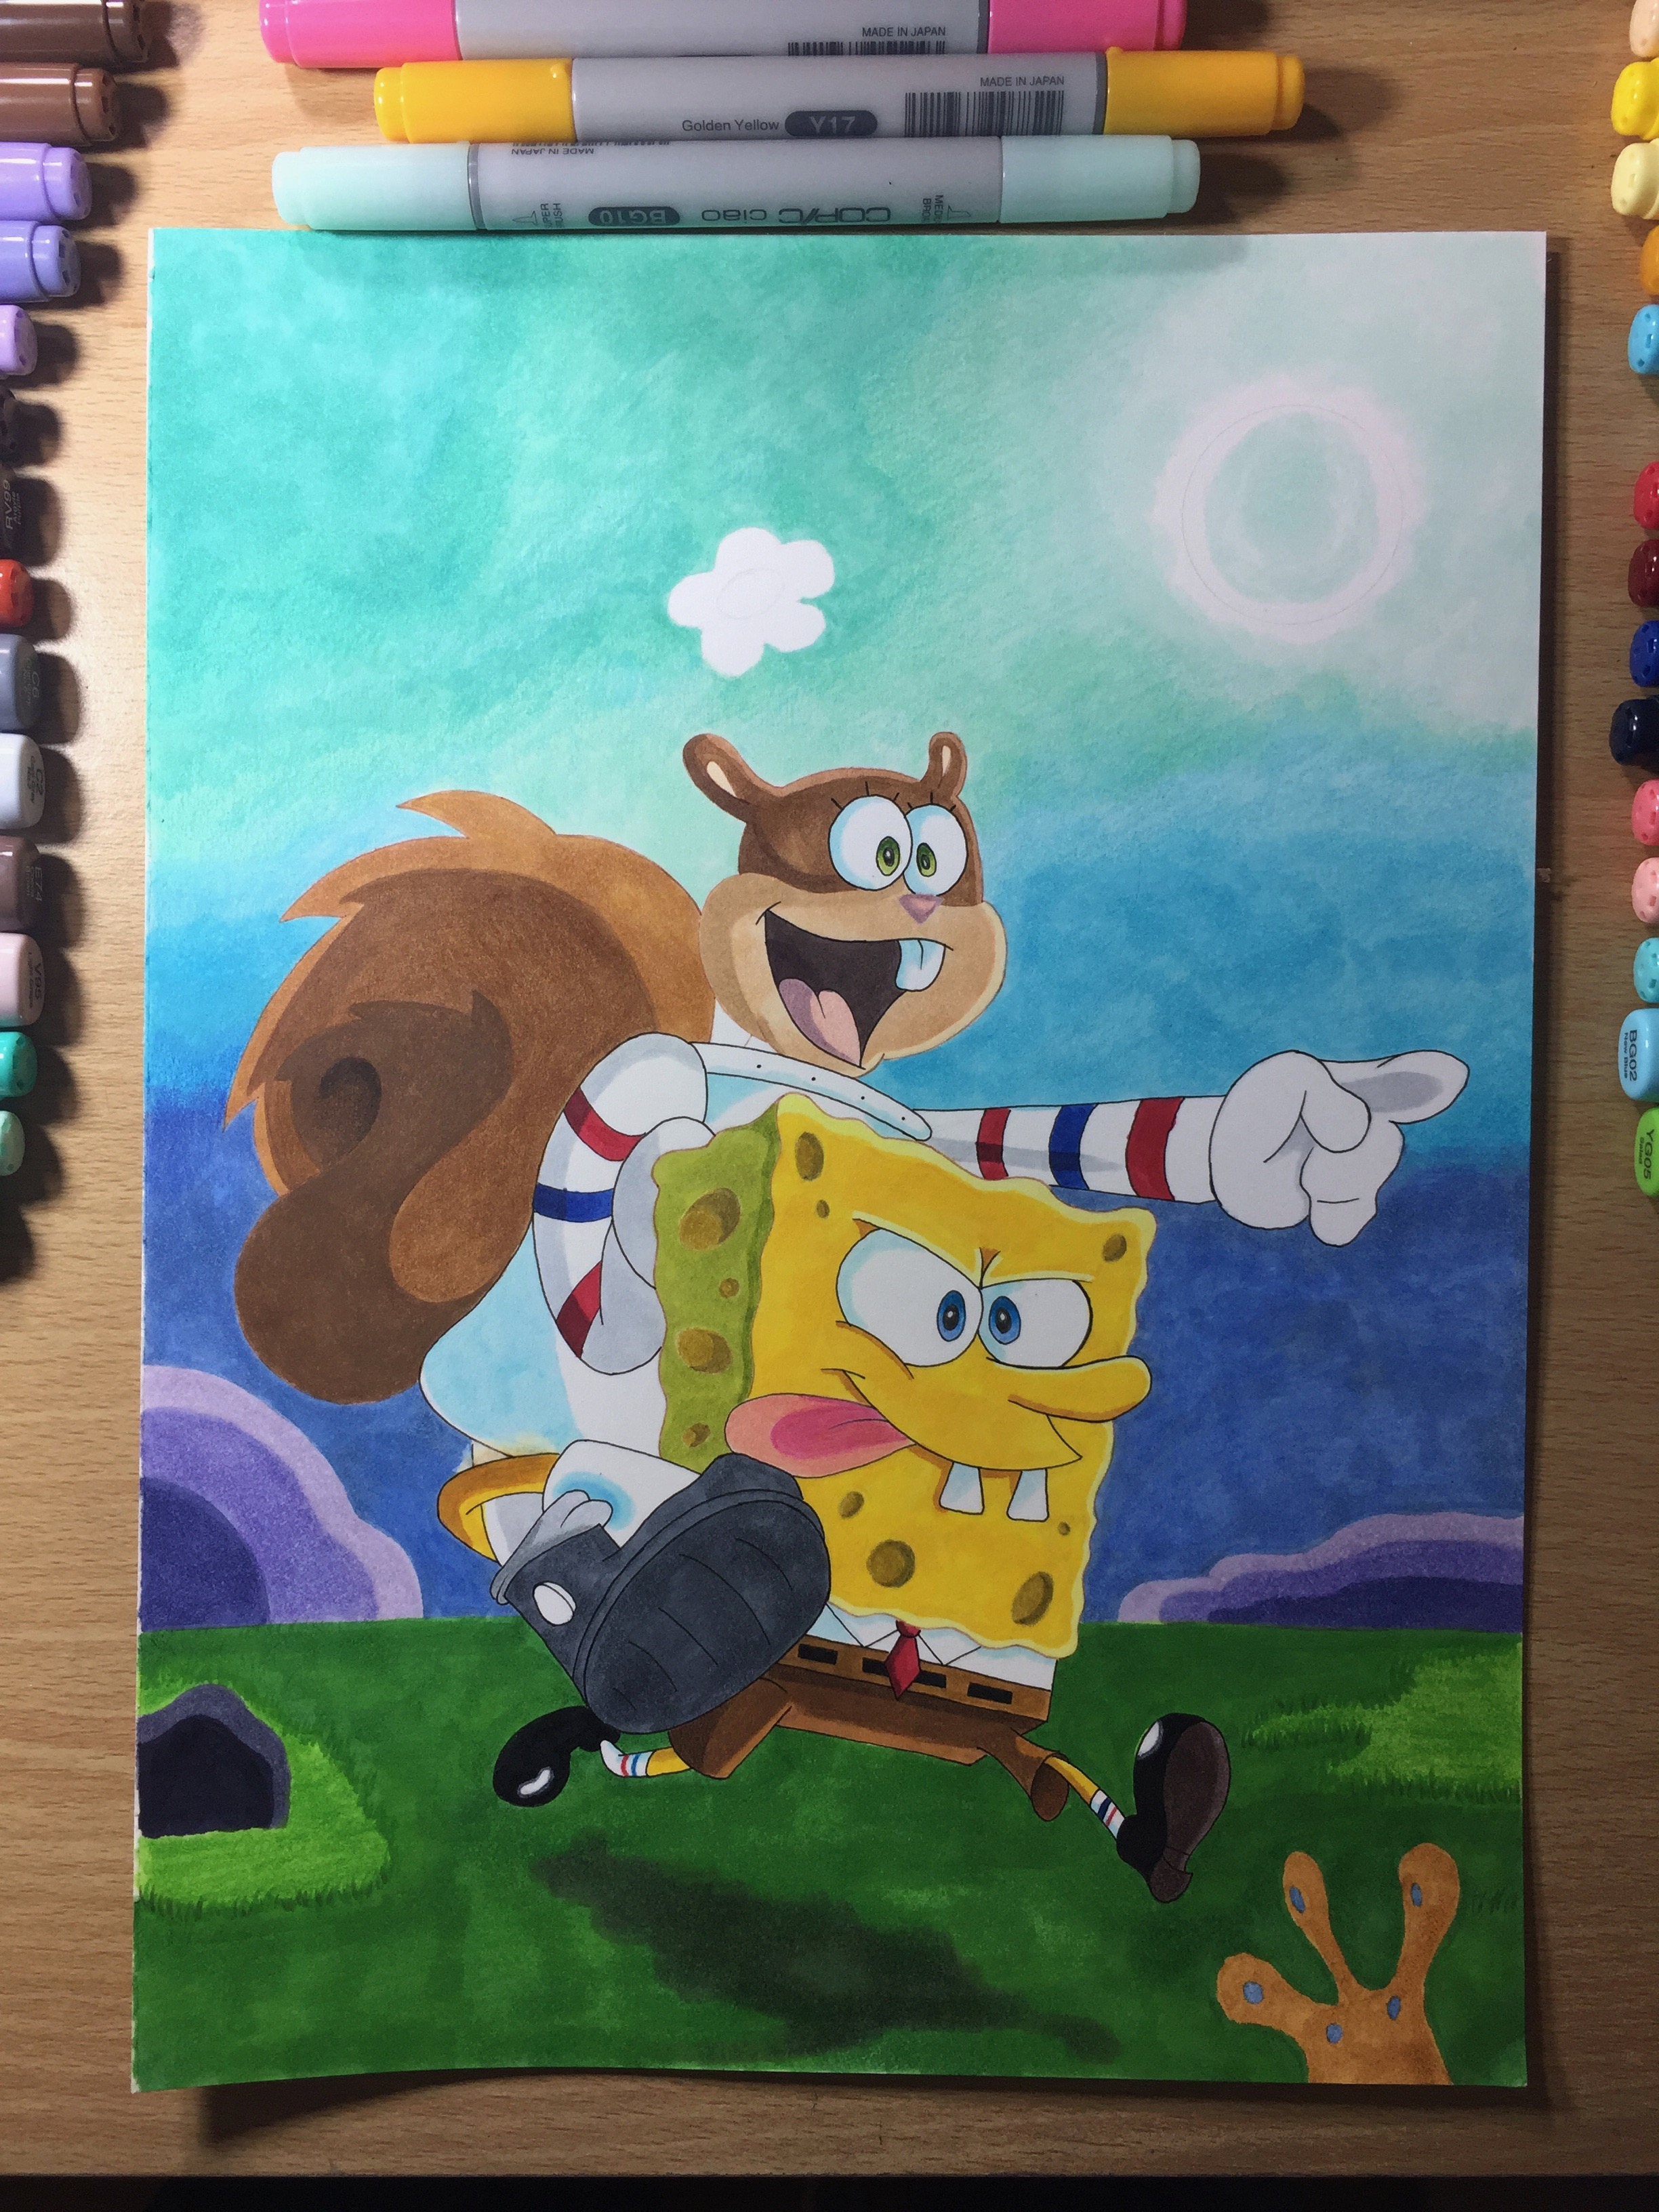 Spongebob 5.jpg